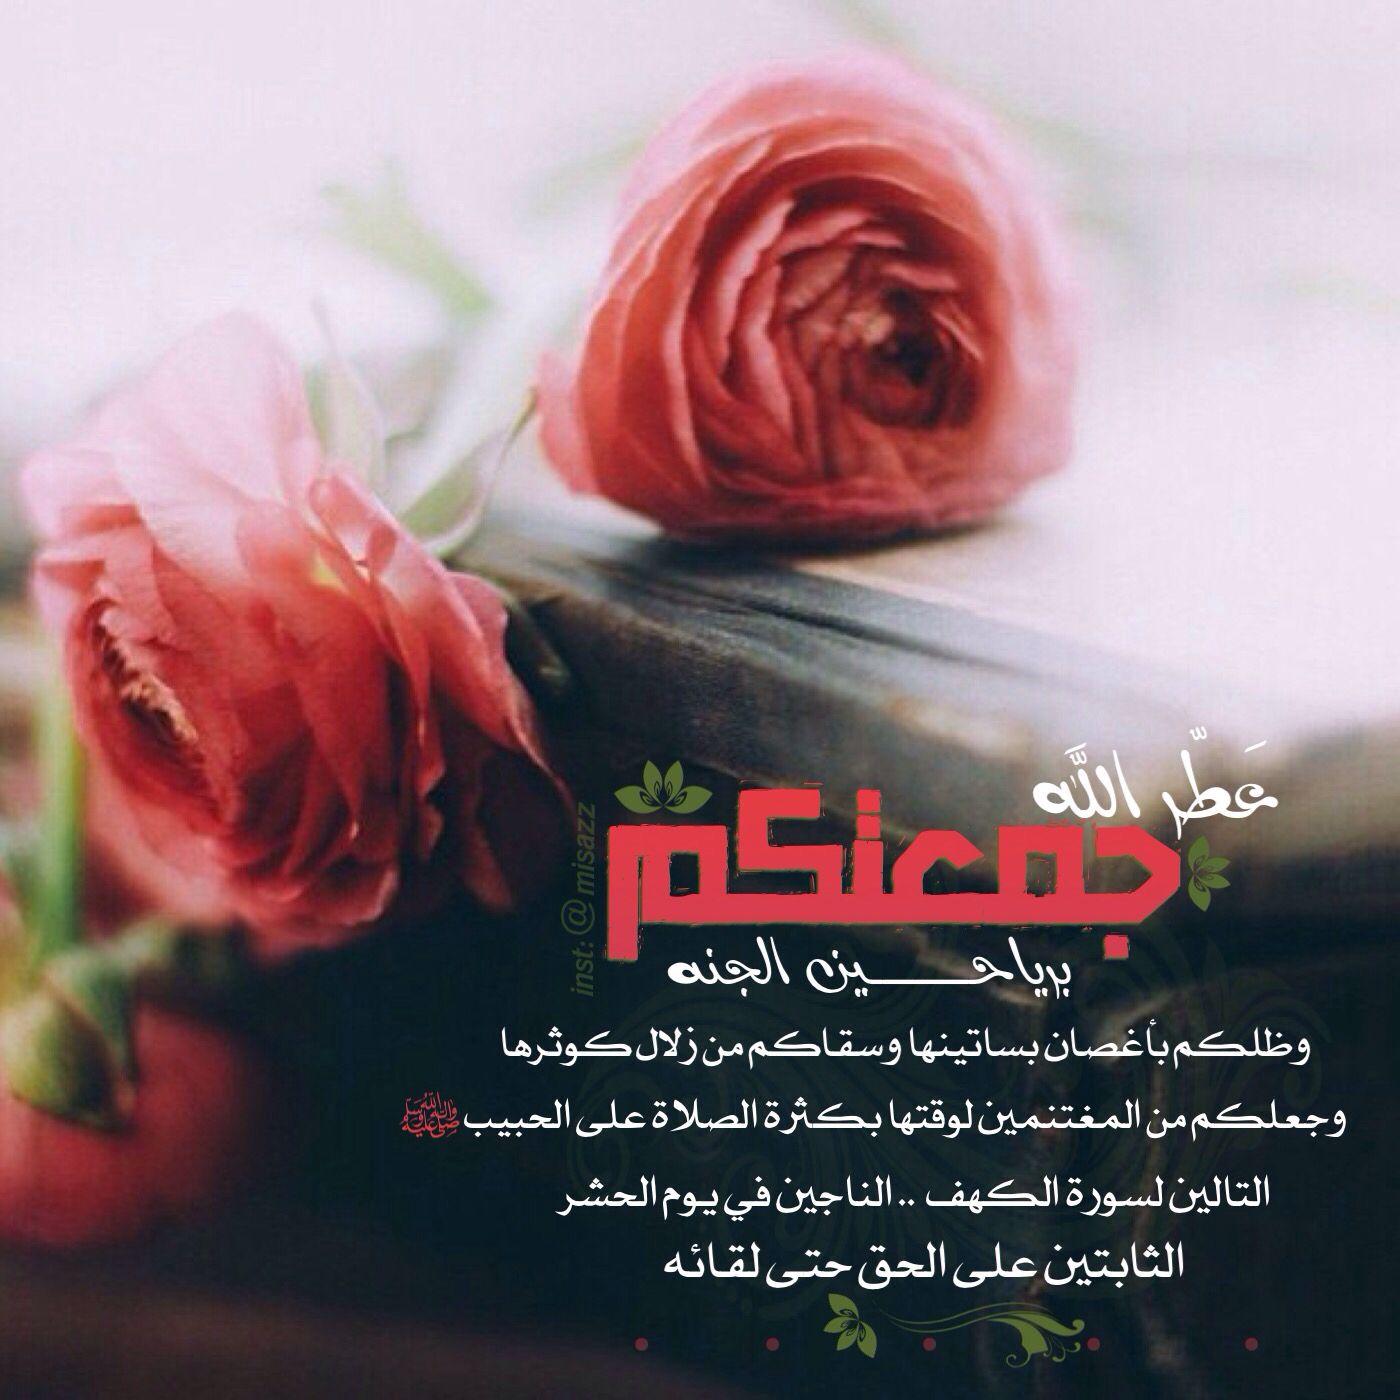 عطر الله جمعتكم برياحين الجنه Blessed Friday Friday Images Islam